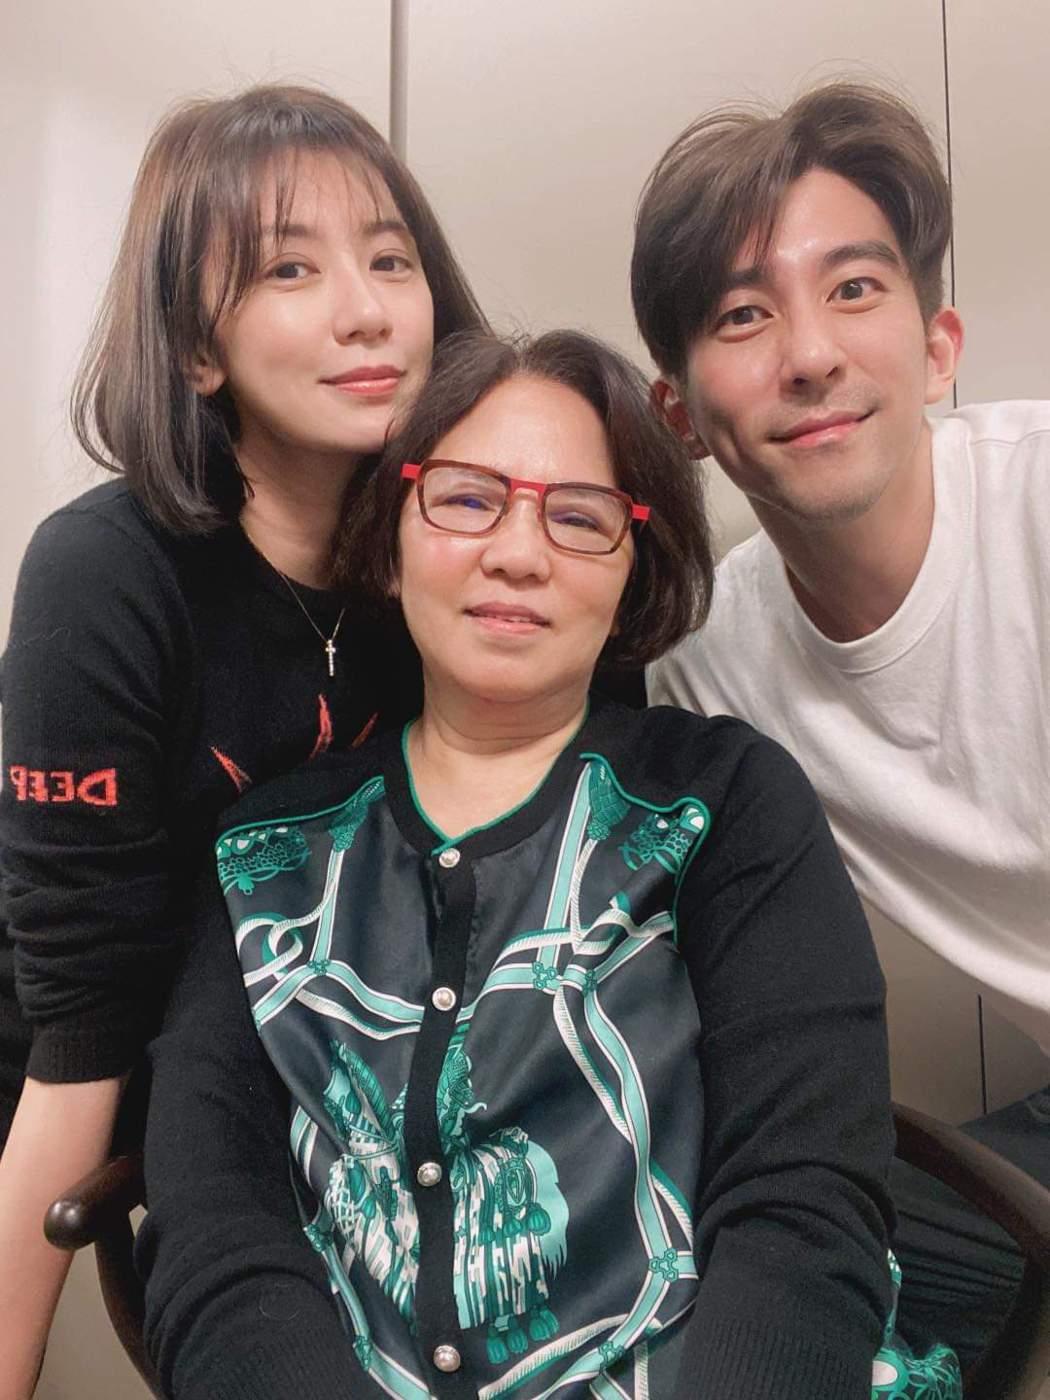 賈靜雯(左)初二帶老公修杰楷(右)回娘家。圖/摘自臉書